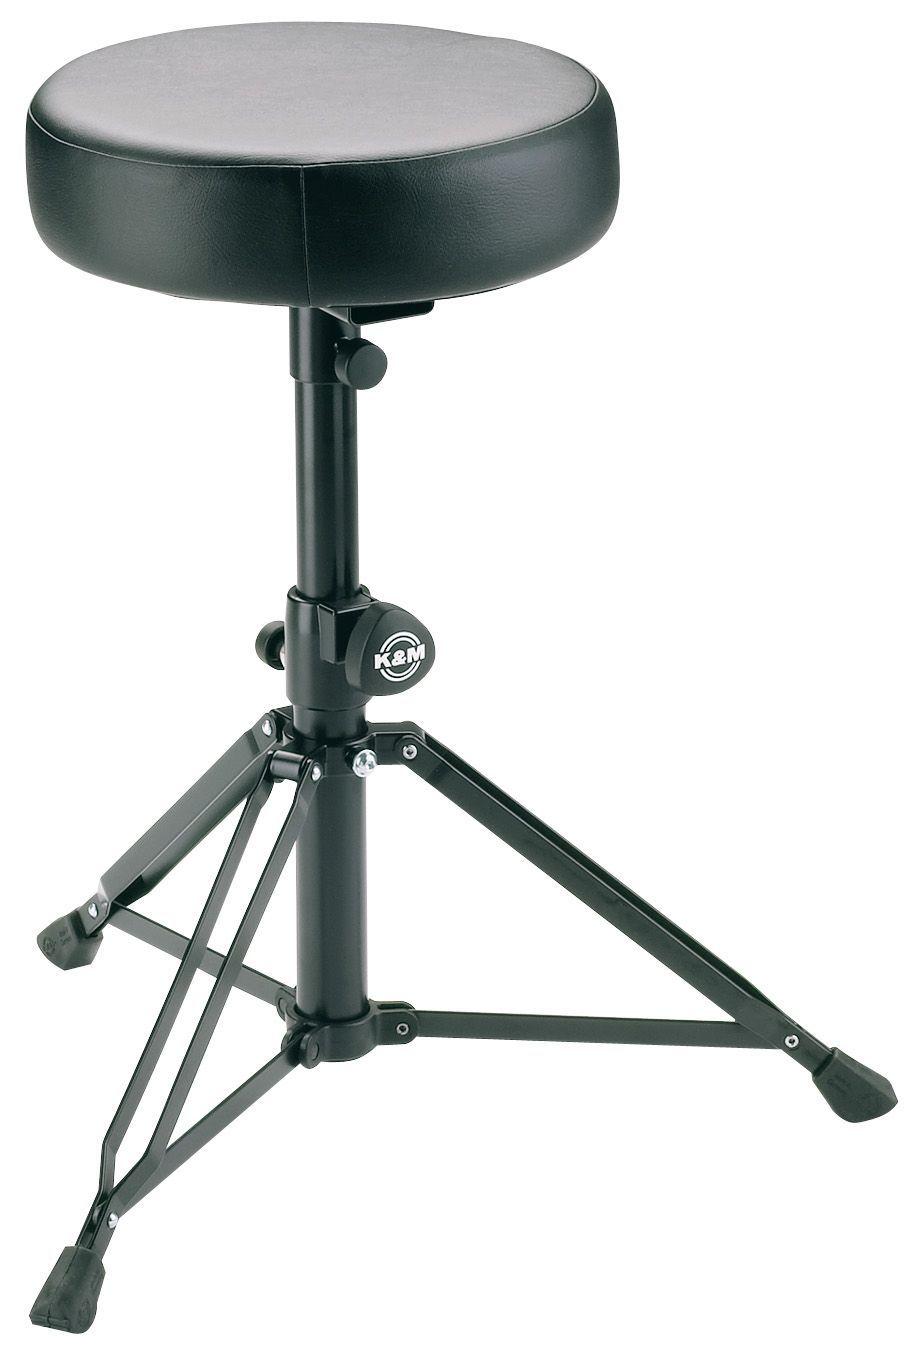 K&M 14015 Drumhocker runde Sitzfläche Leder sehr stabil Lochraster